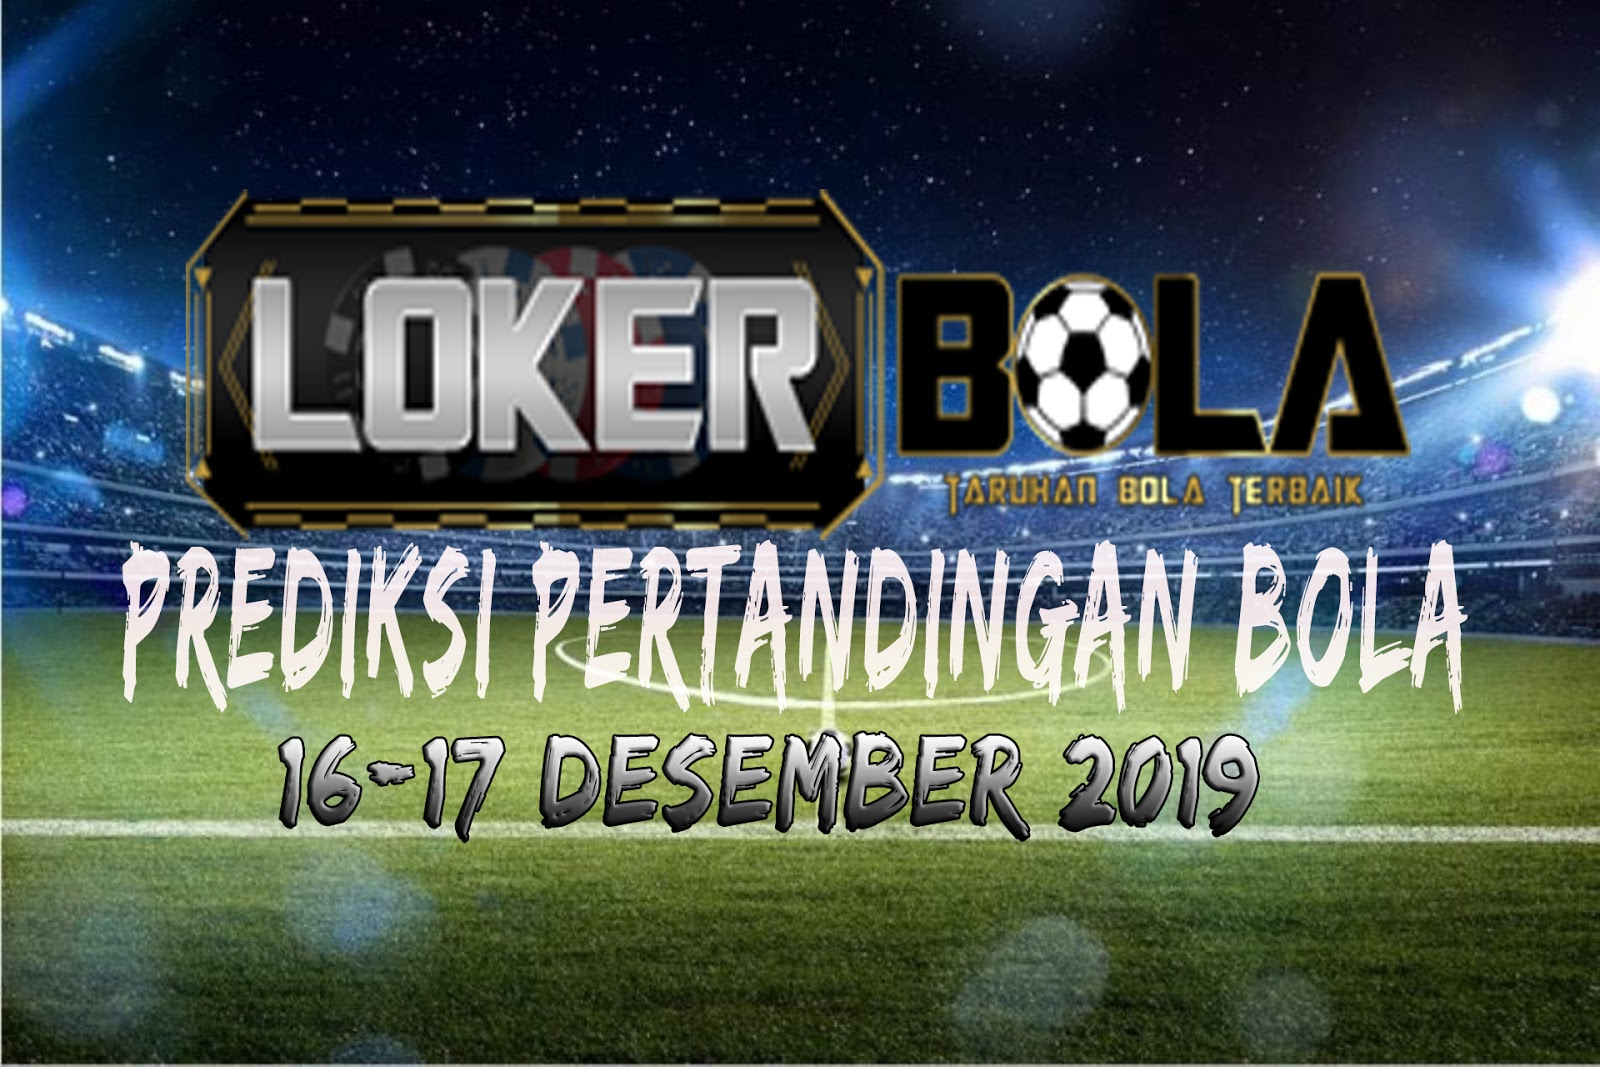 PREDIKSI PERTANDINGAN BOLA 17 – 18 DESEMBER 2019